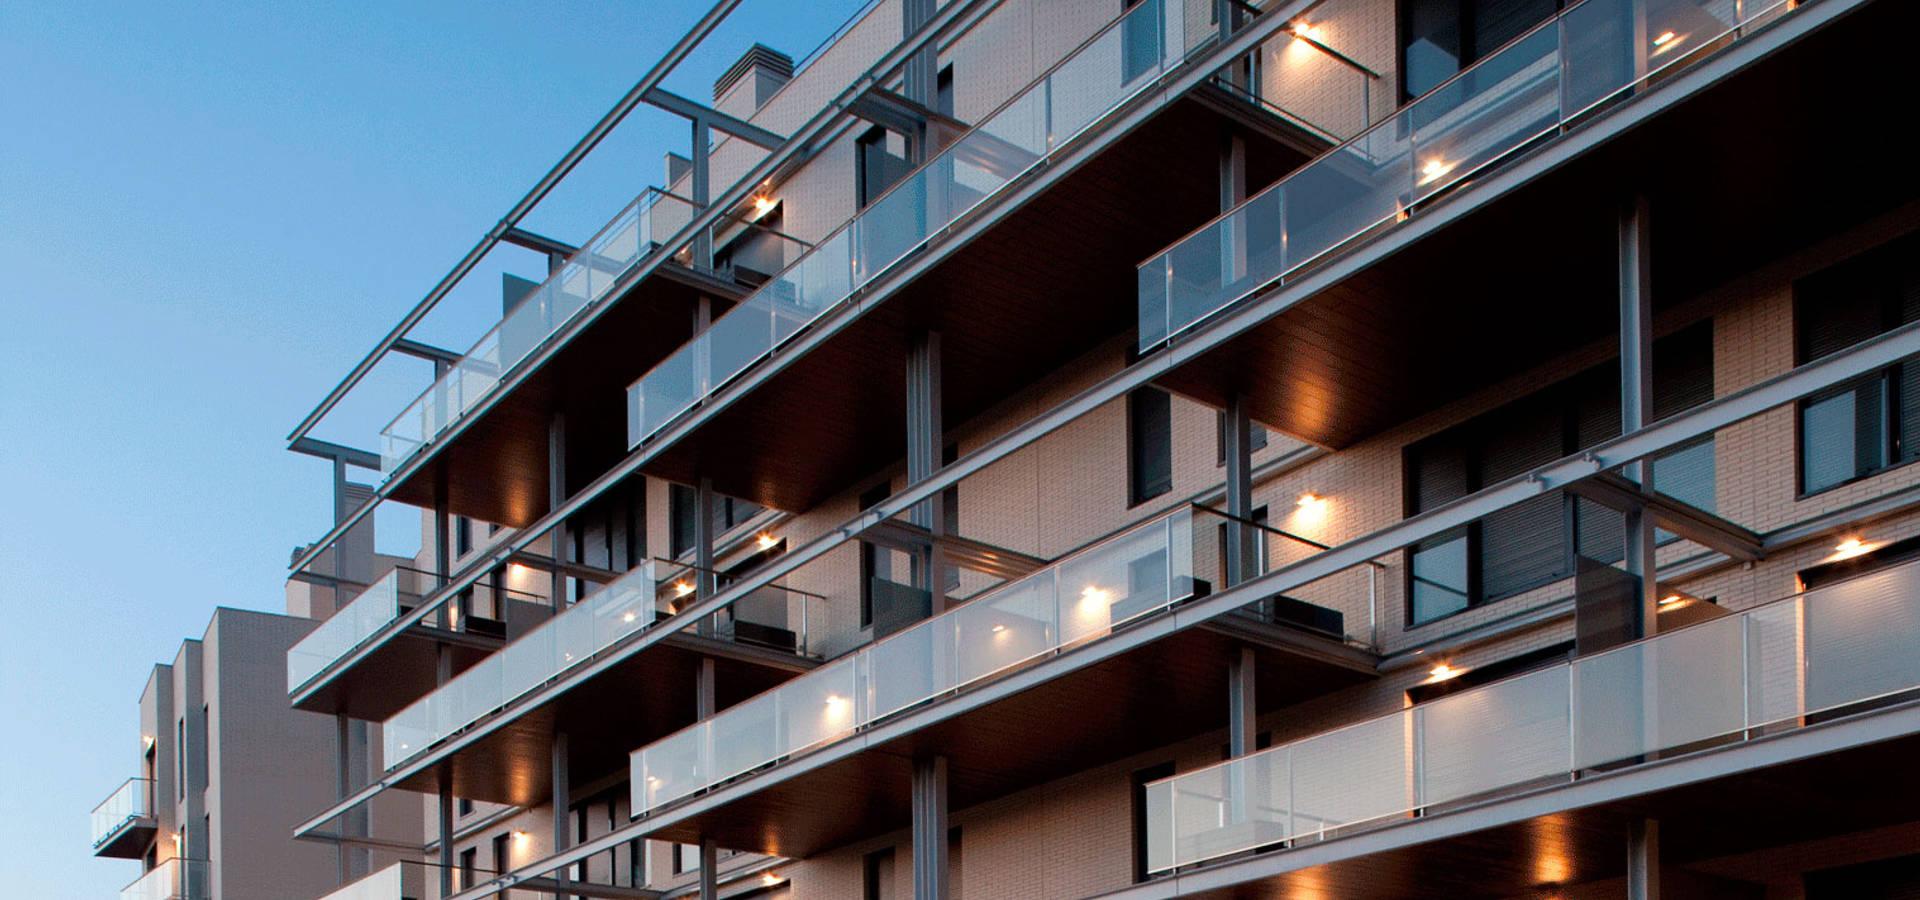 Gomendio kindelan arquitectos en madrid homify - Arquitectos en espana ...